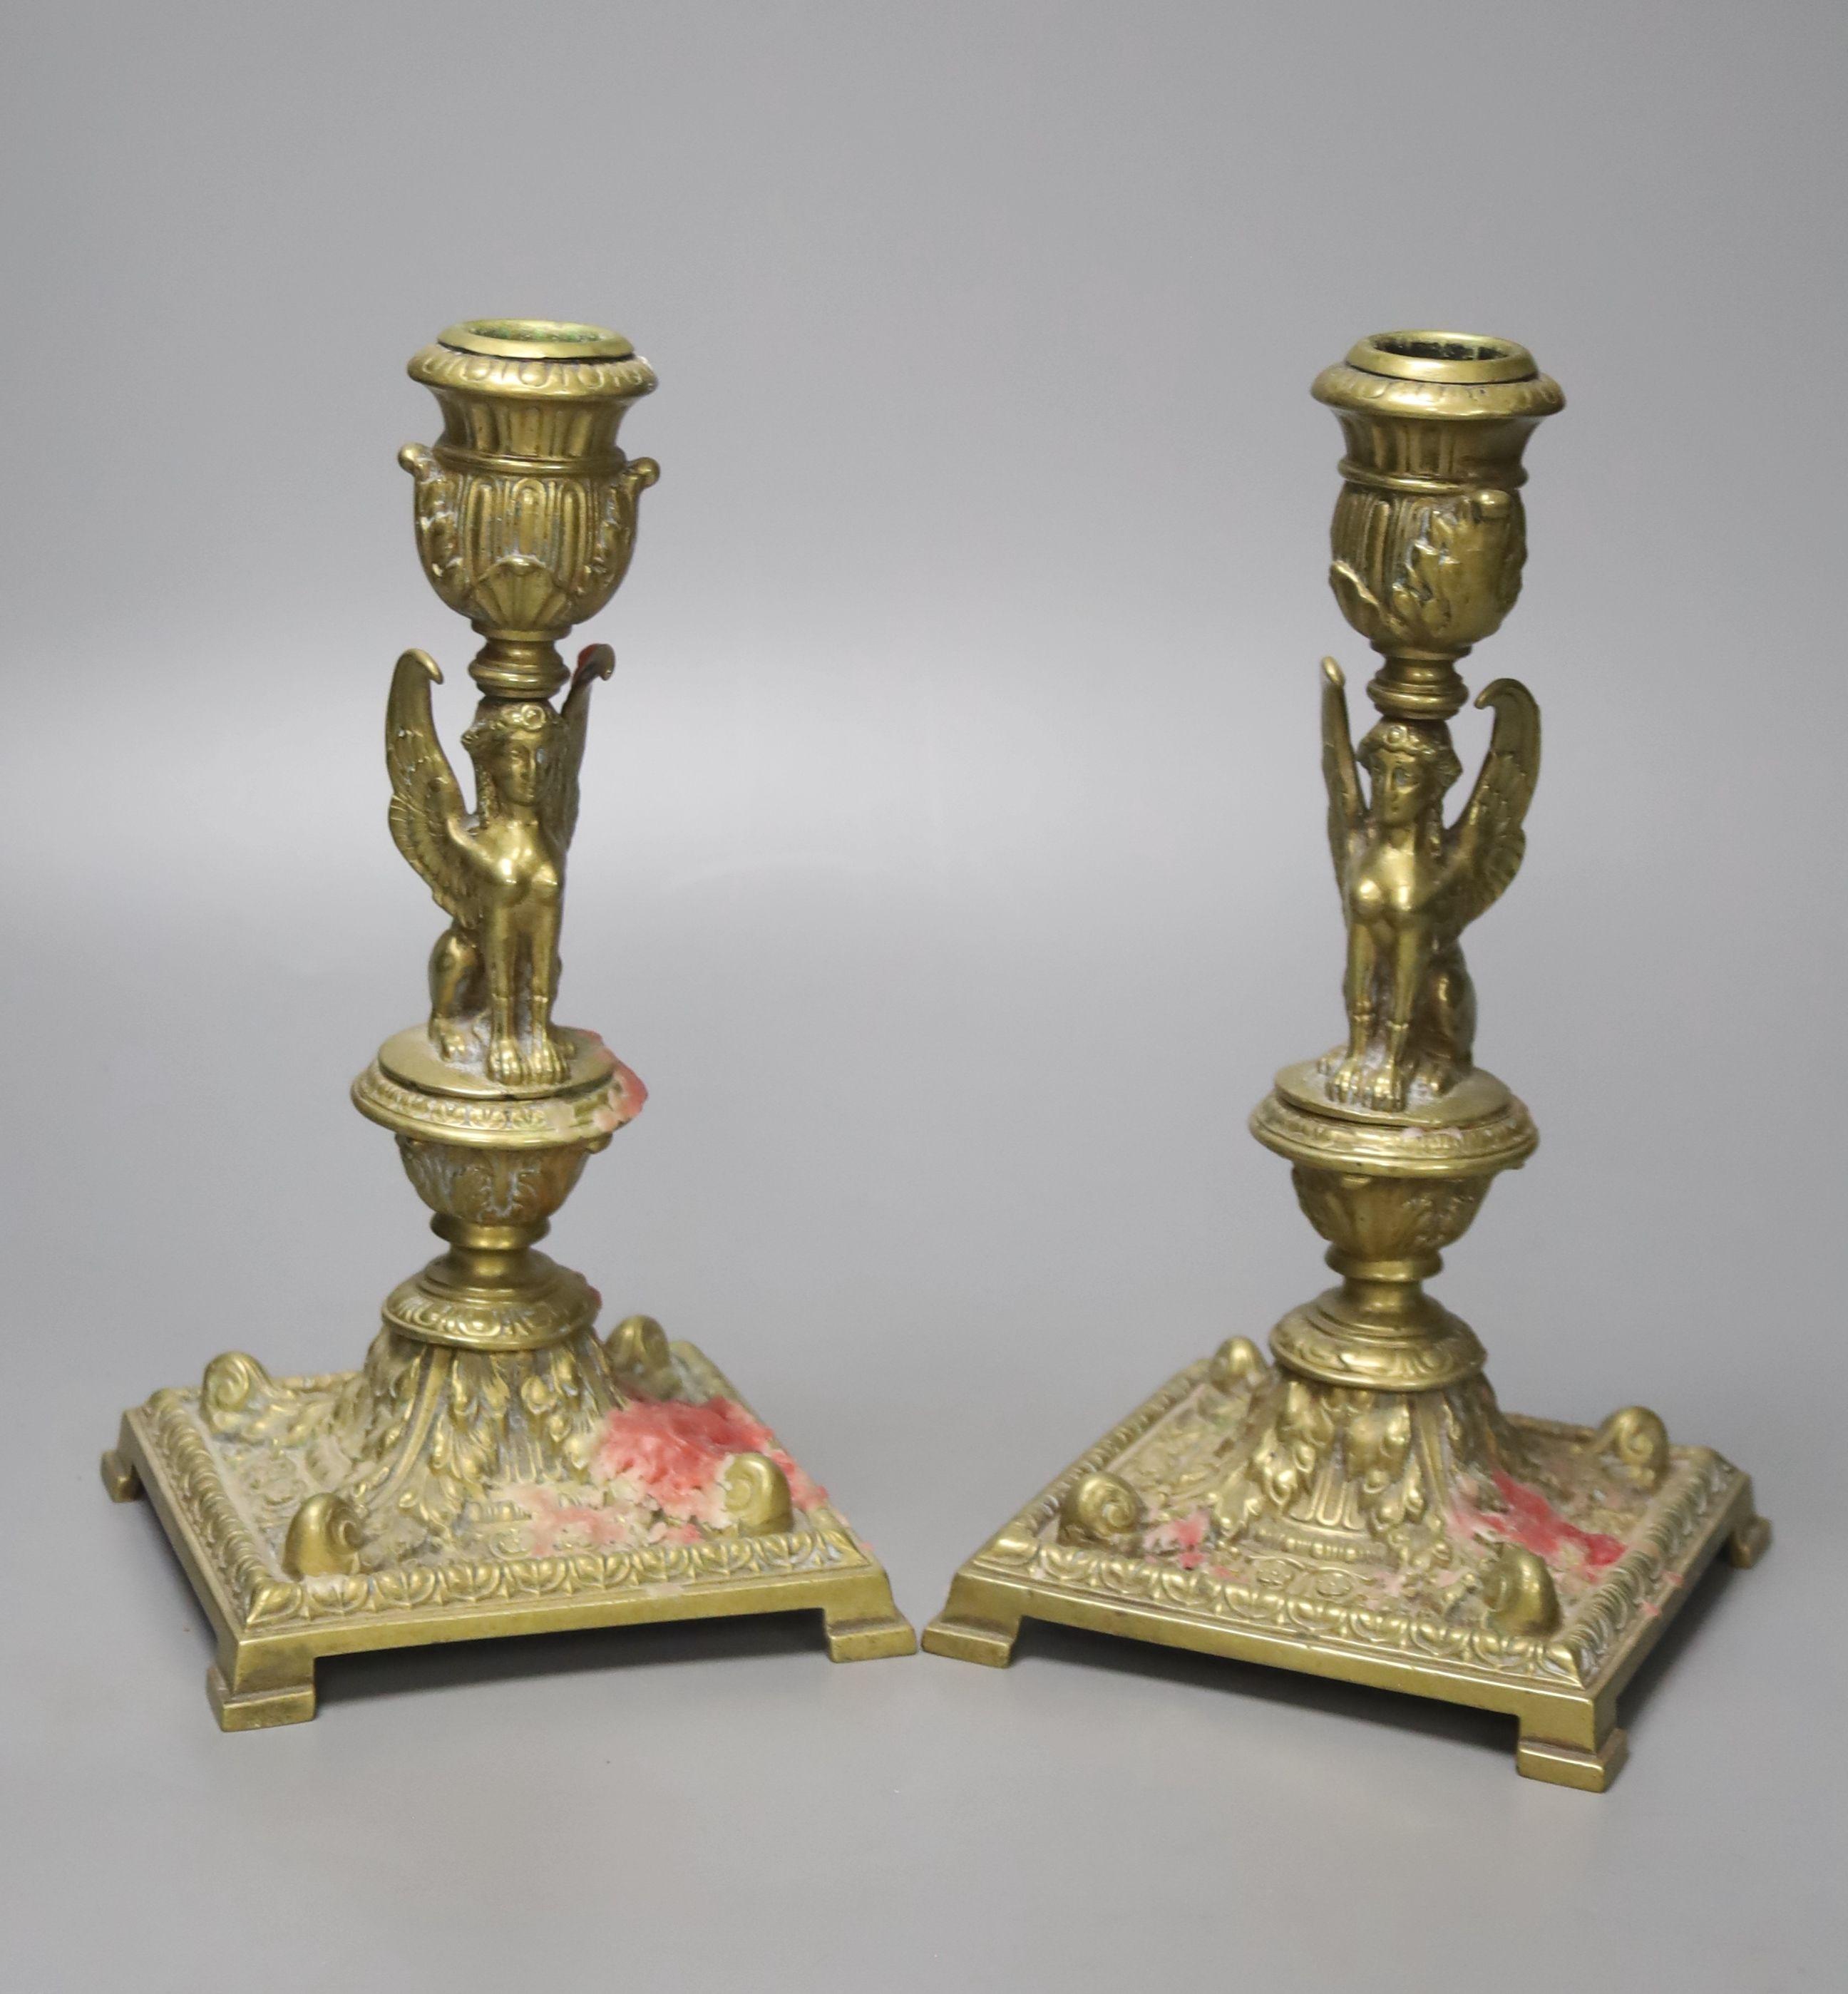 A pair of Victorian cast brass candlesticks, high 20cm